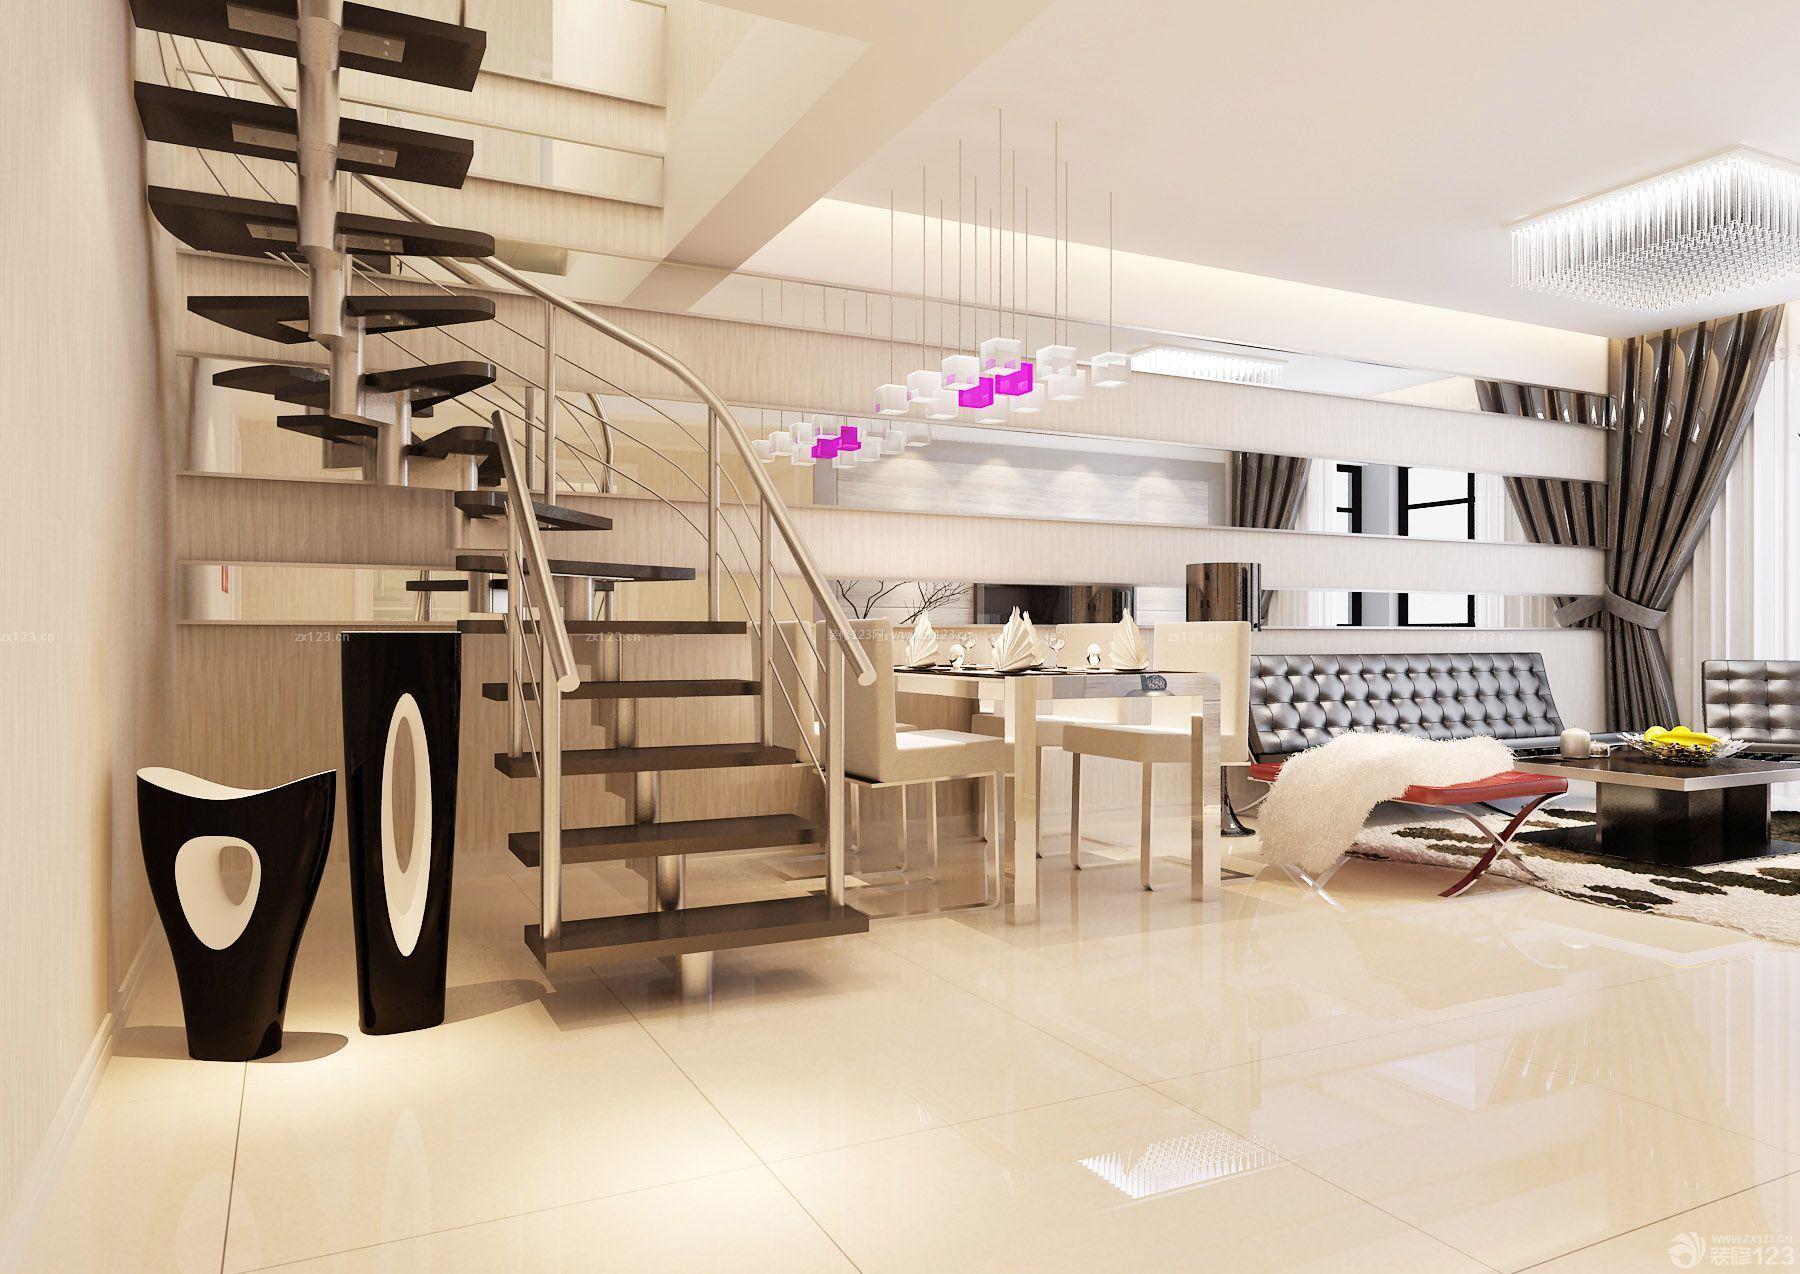 创意跃层家居楼梯法式装修设计效果图图片